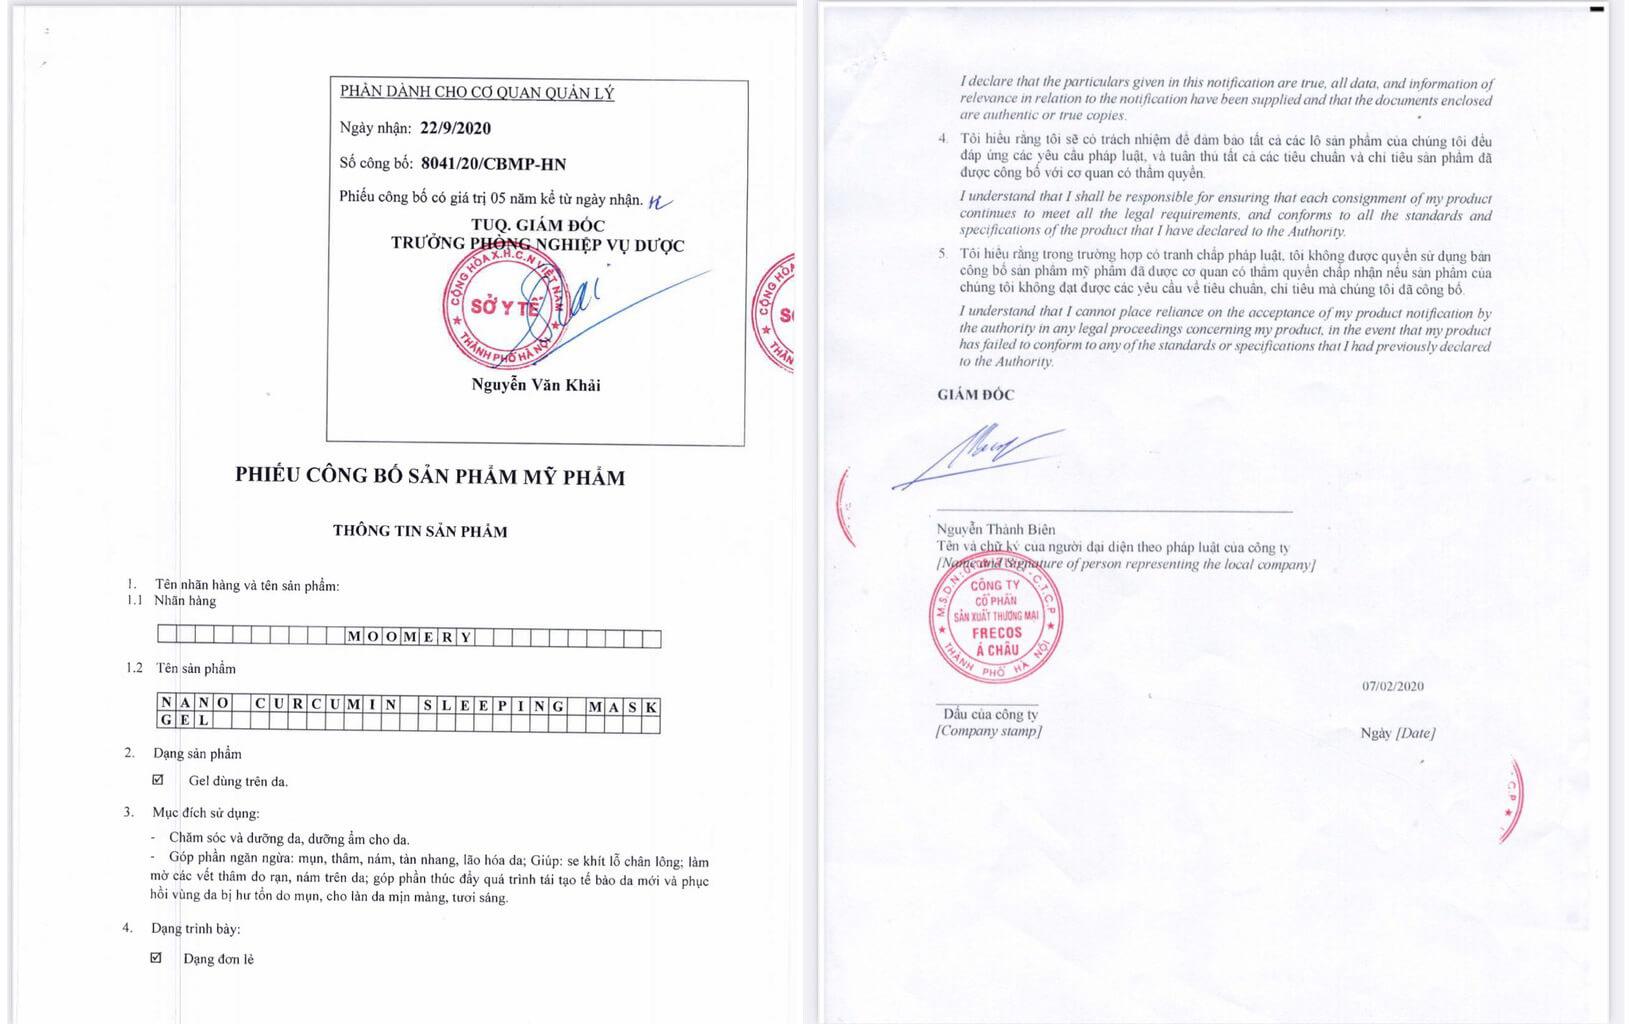 giấy chứng nhận gel mặt nạ ngủ nghệ nano curcumin moomery myphamhera.com